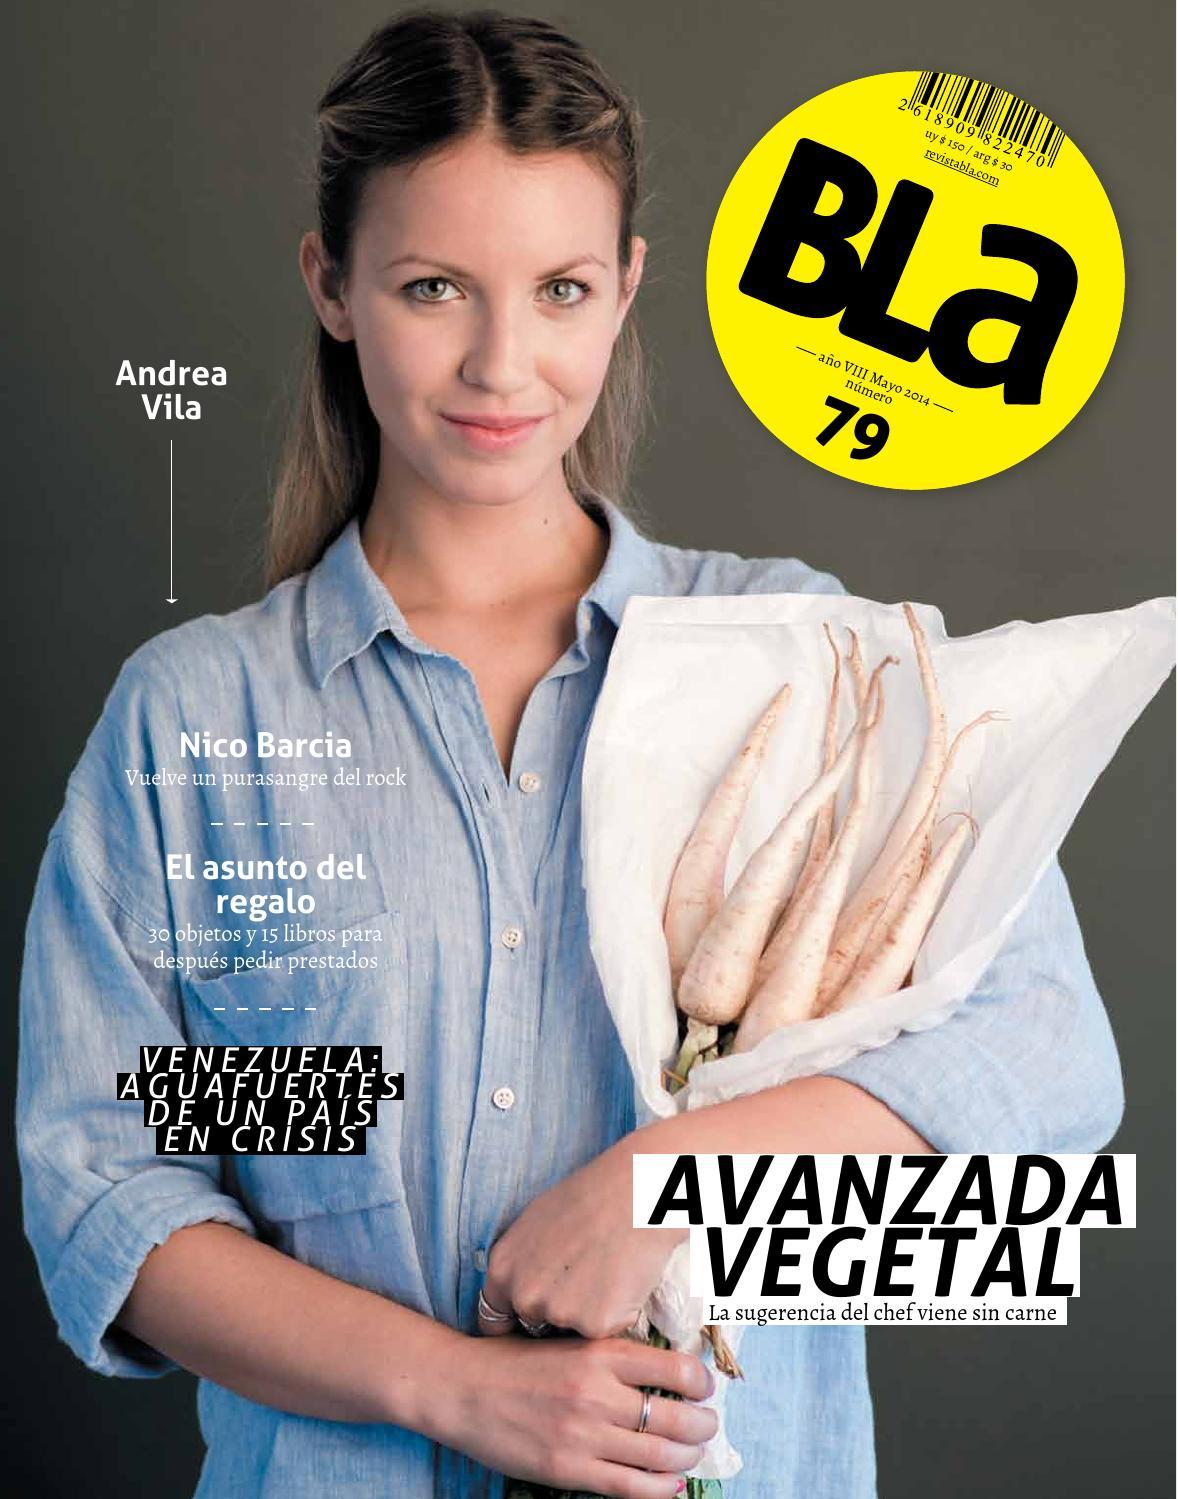 e00619f4f66f9 Bla 079 Mayo by Editorial BLa - issuu